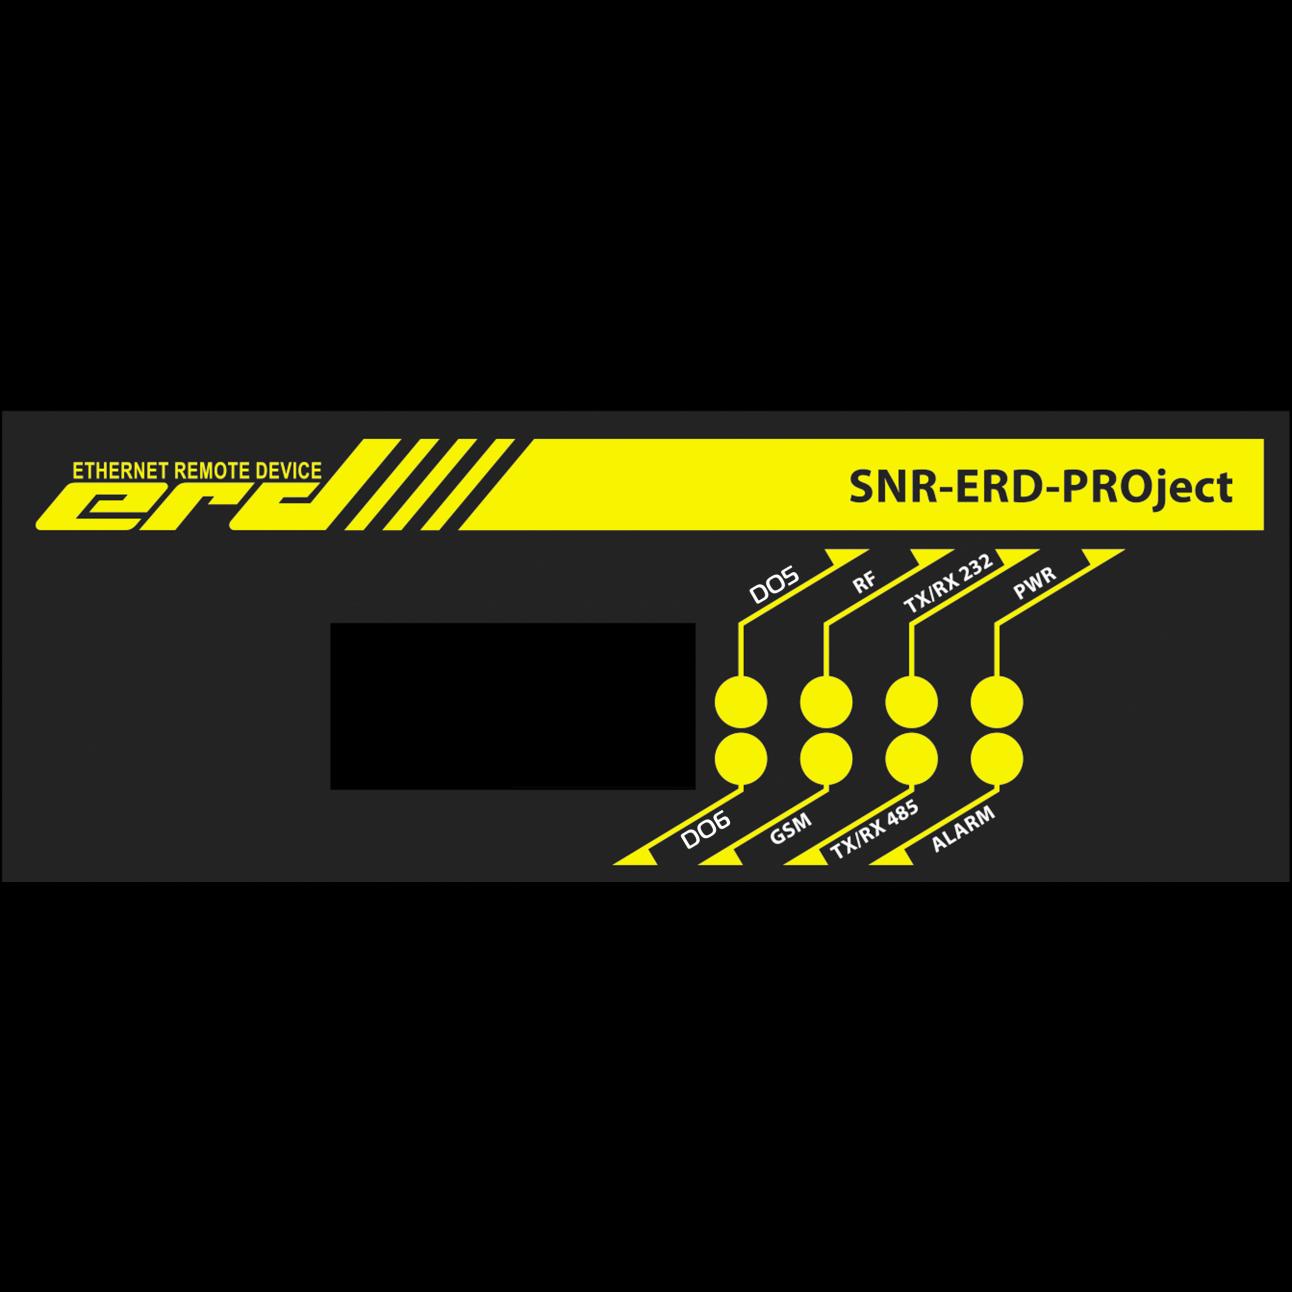 Устройство удалённого контроля и управления SNR-ERD-PROject-2, RS232/485, IO6, RF